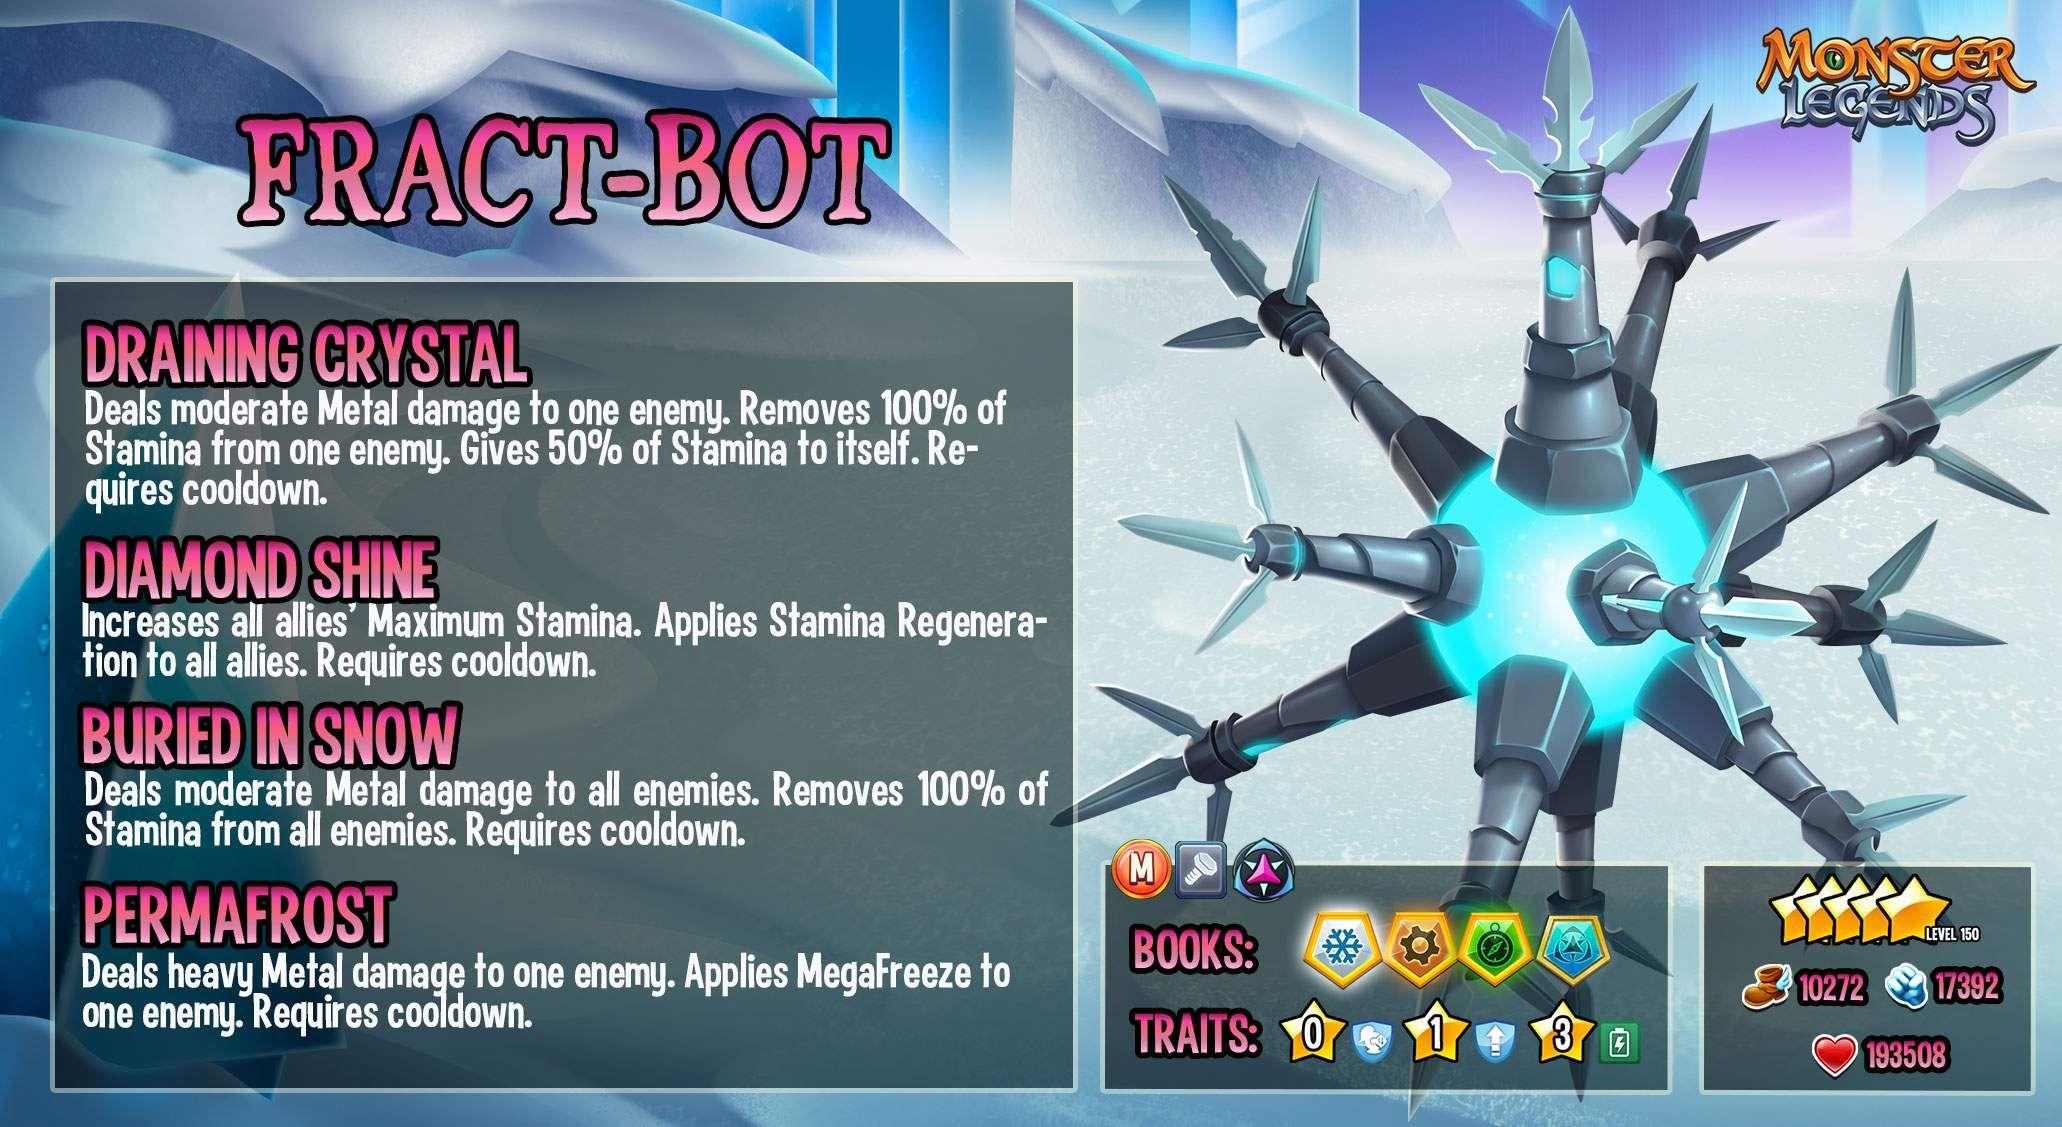 0_1609858095025_Fract-bot.jpg